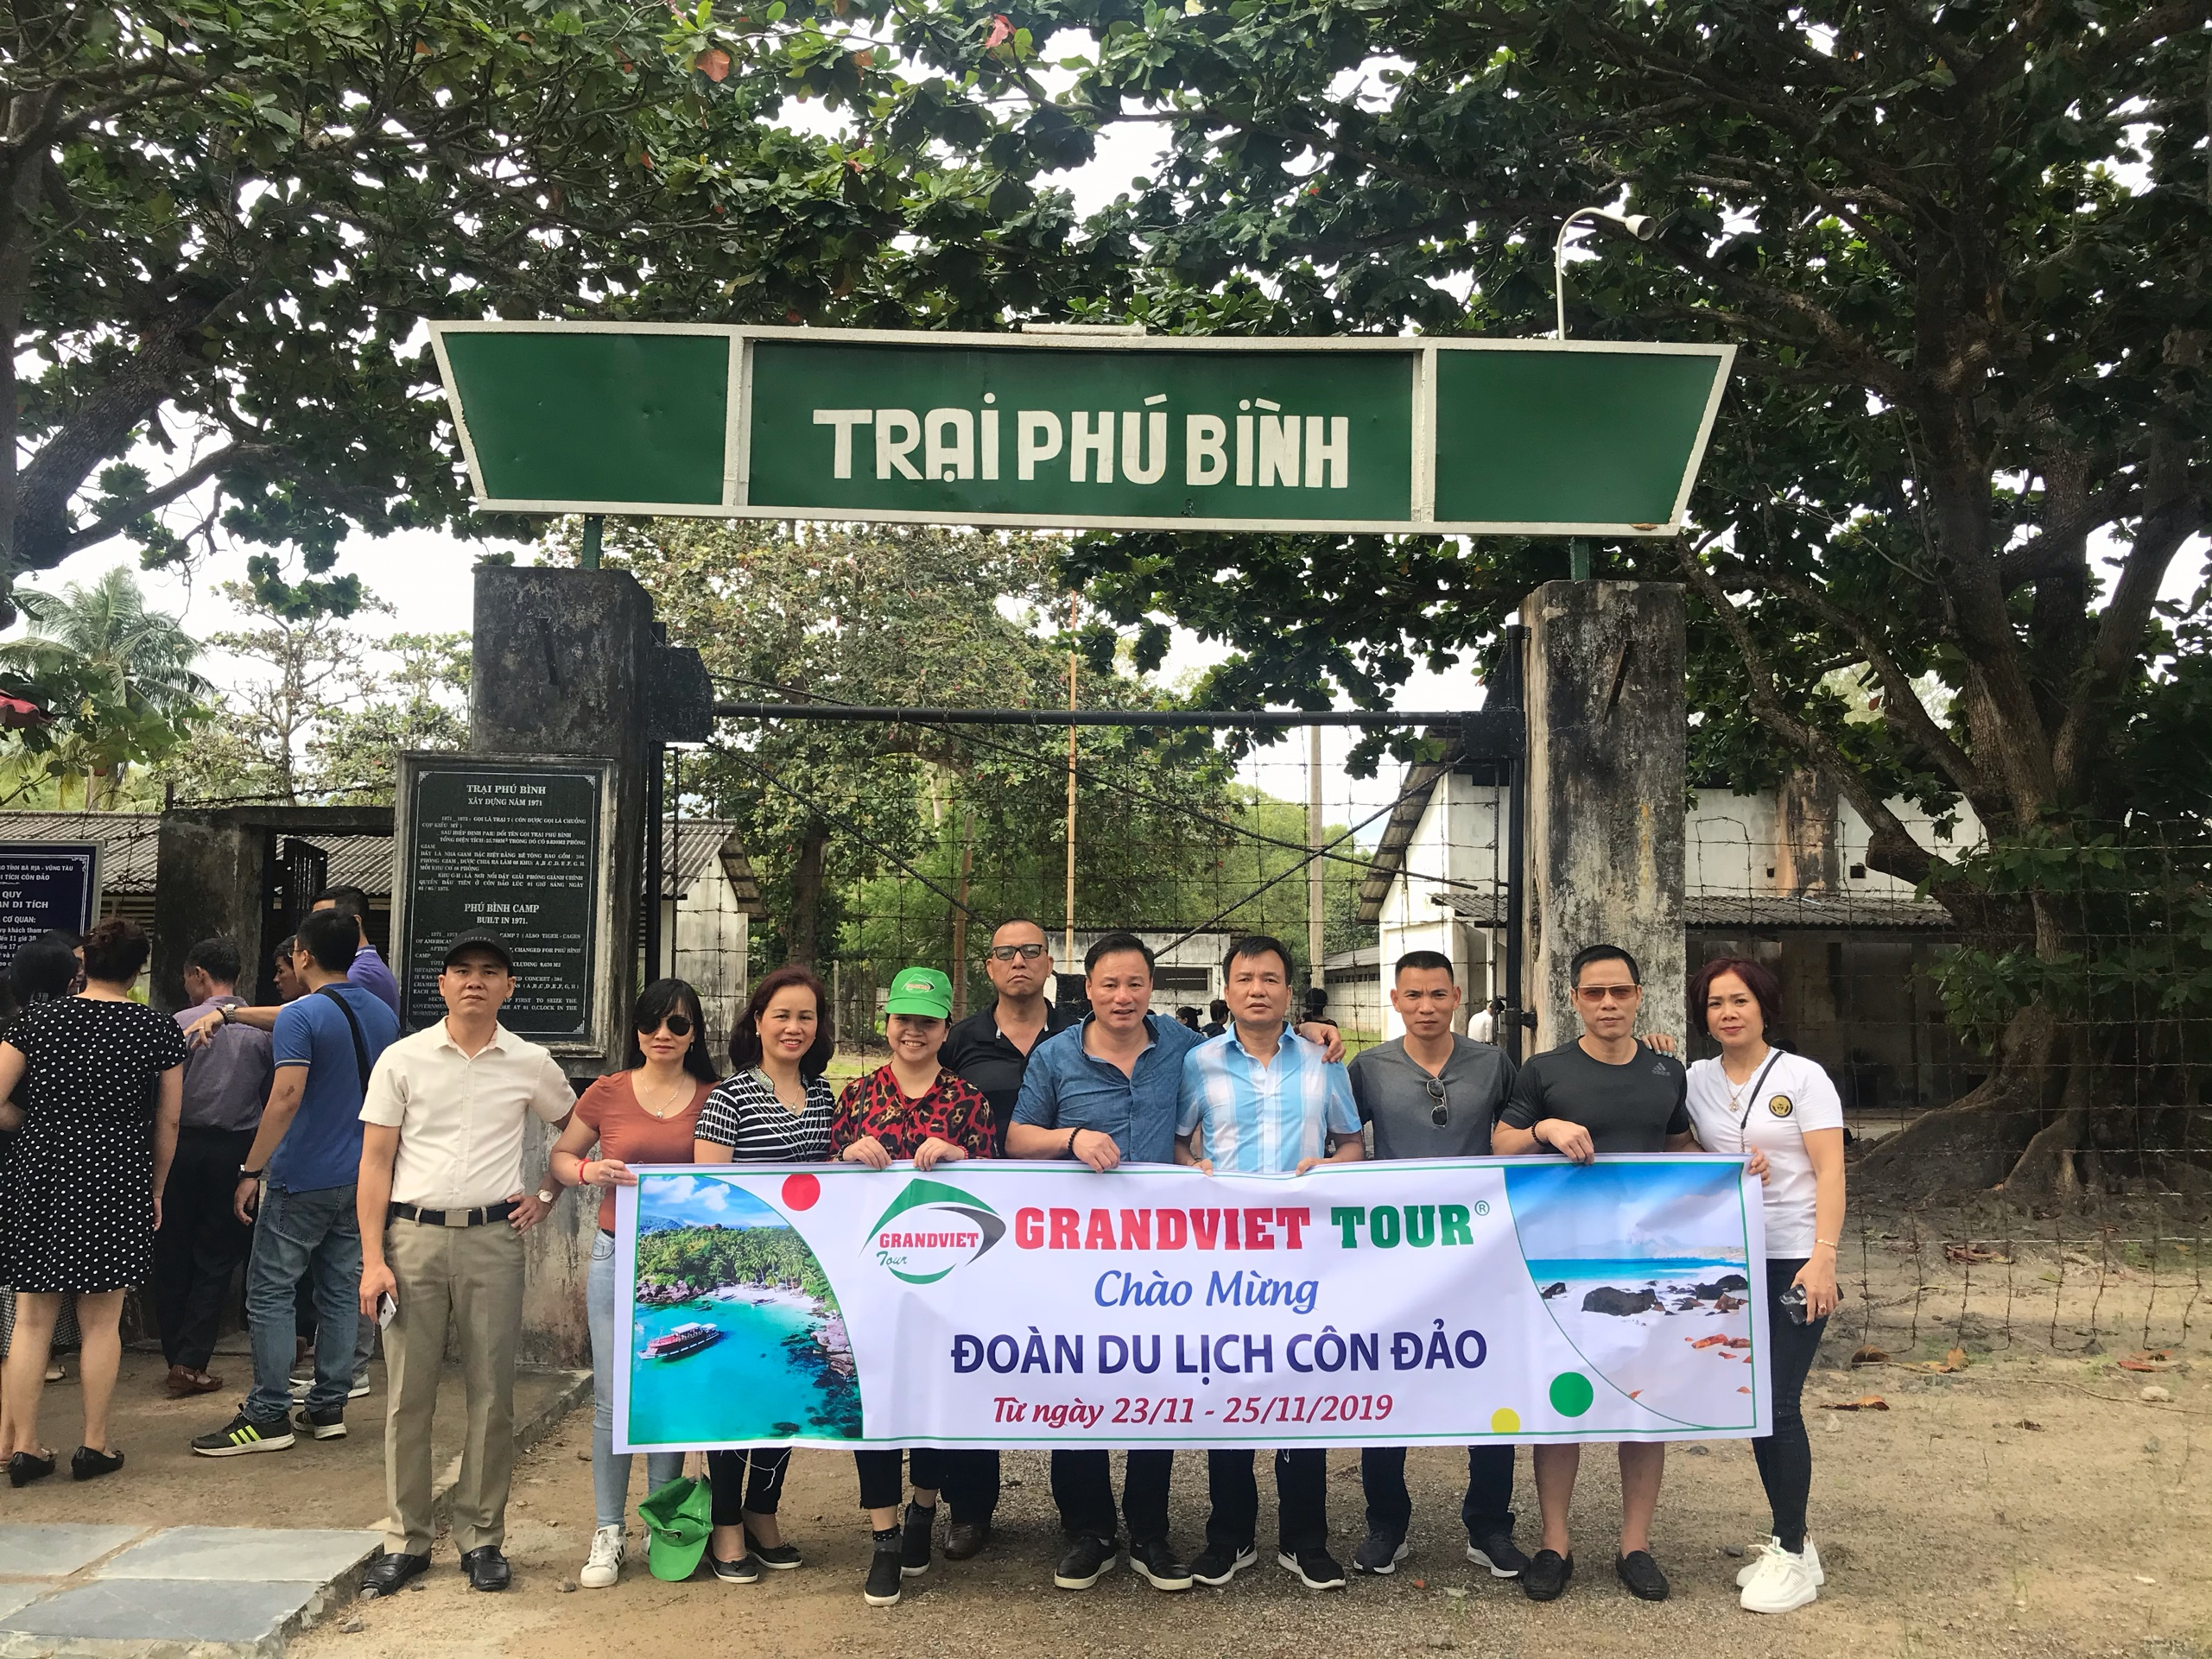 Tour Du Lịch Tâm Linh Côn Đảo 3 Ngày 2 Đêm Từ Hồ Chí Minh